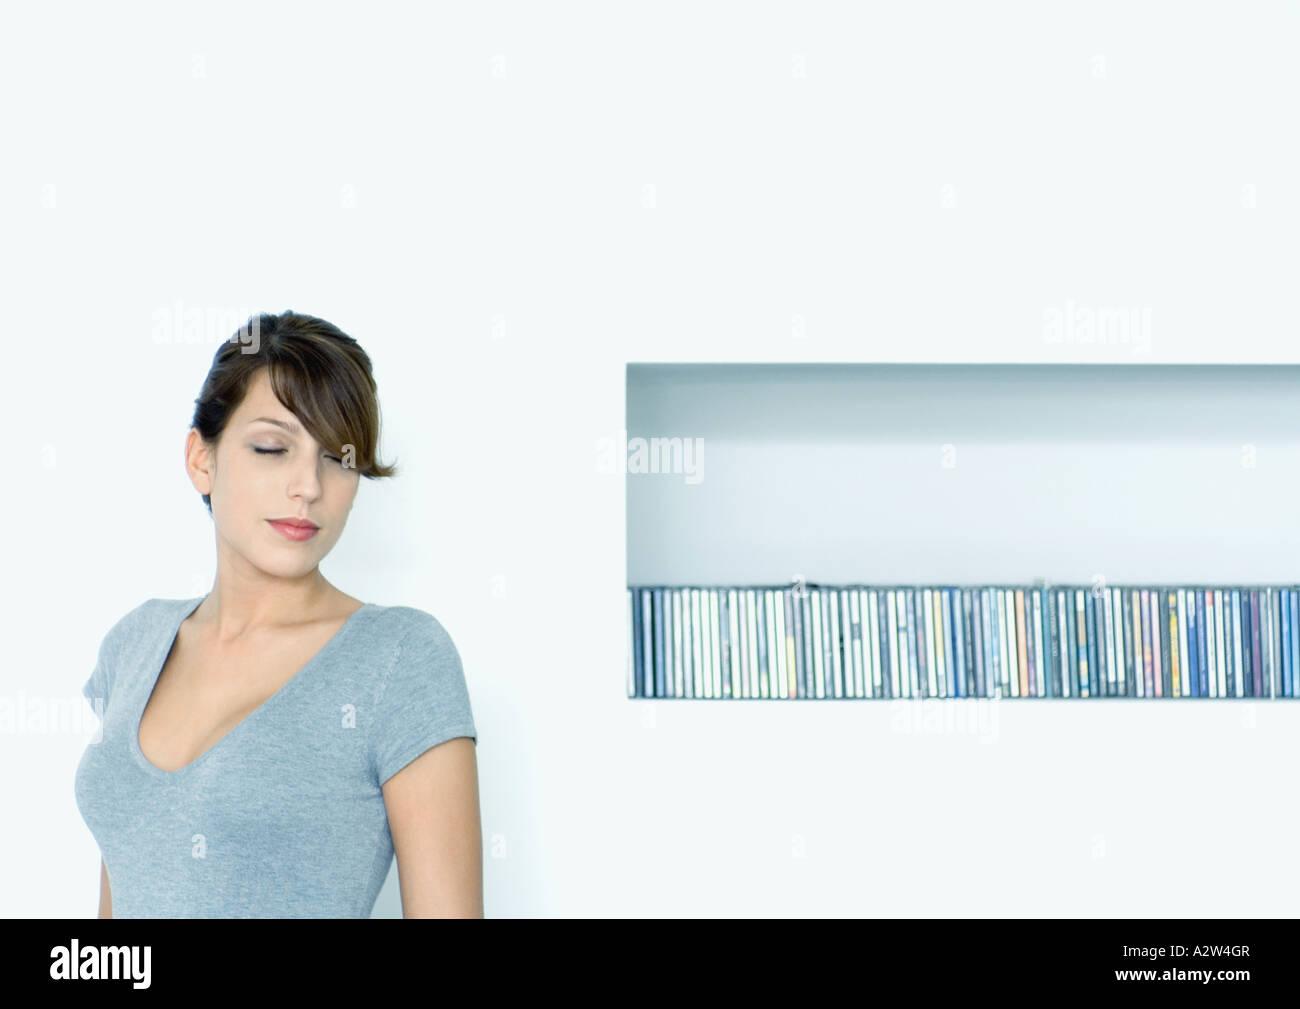 Jeune femme à côté de CDs Photo Stock